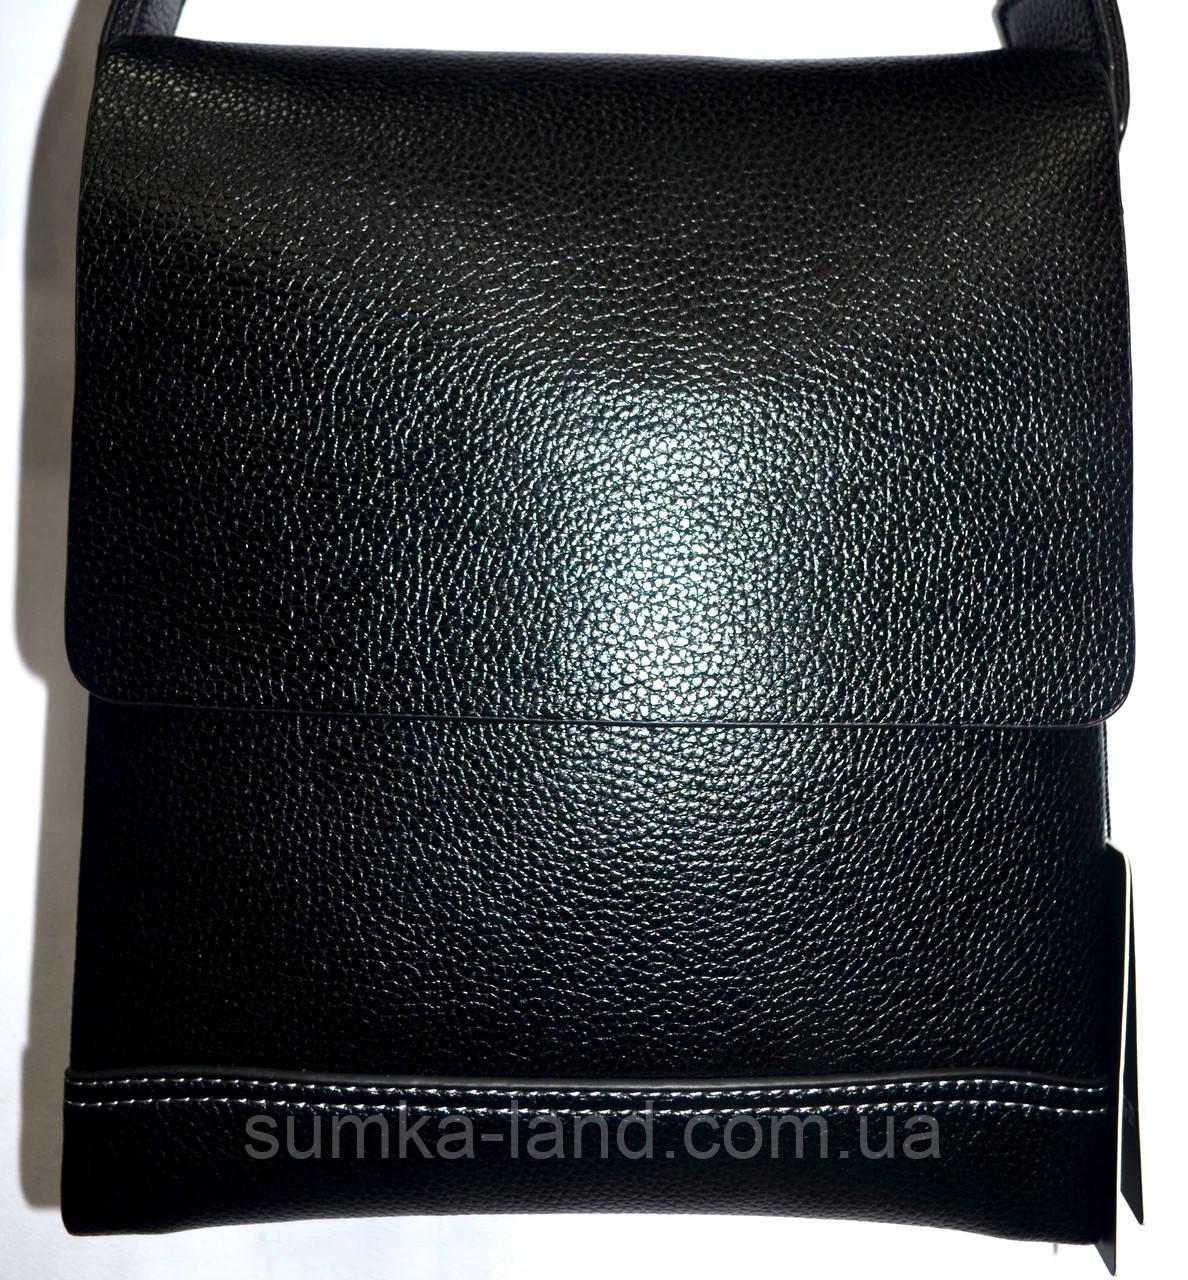 Мужская черная кожаная сумка барсетка на плечо 22*25